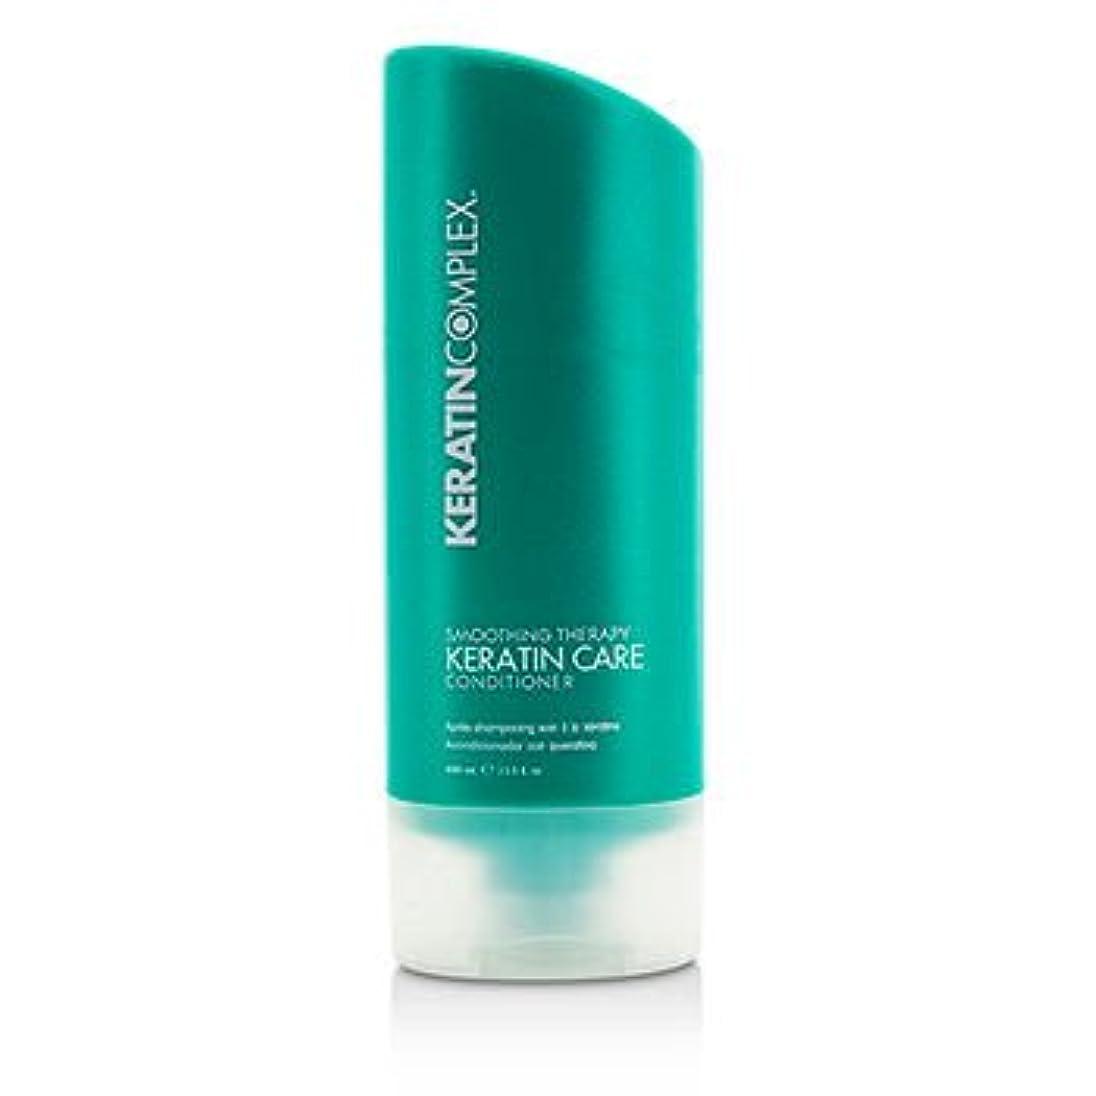 グリル優れました頬骨[Keratin Complex] Smoothing Therapy Keratin Care Conditioner (For All Hair Types) 400ml/13.5oz